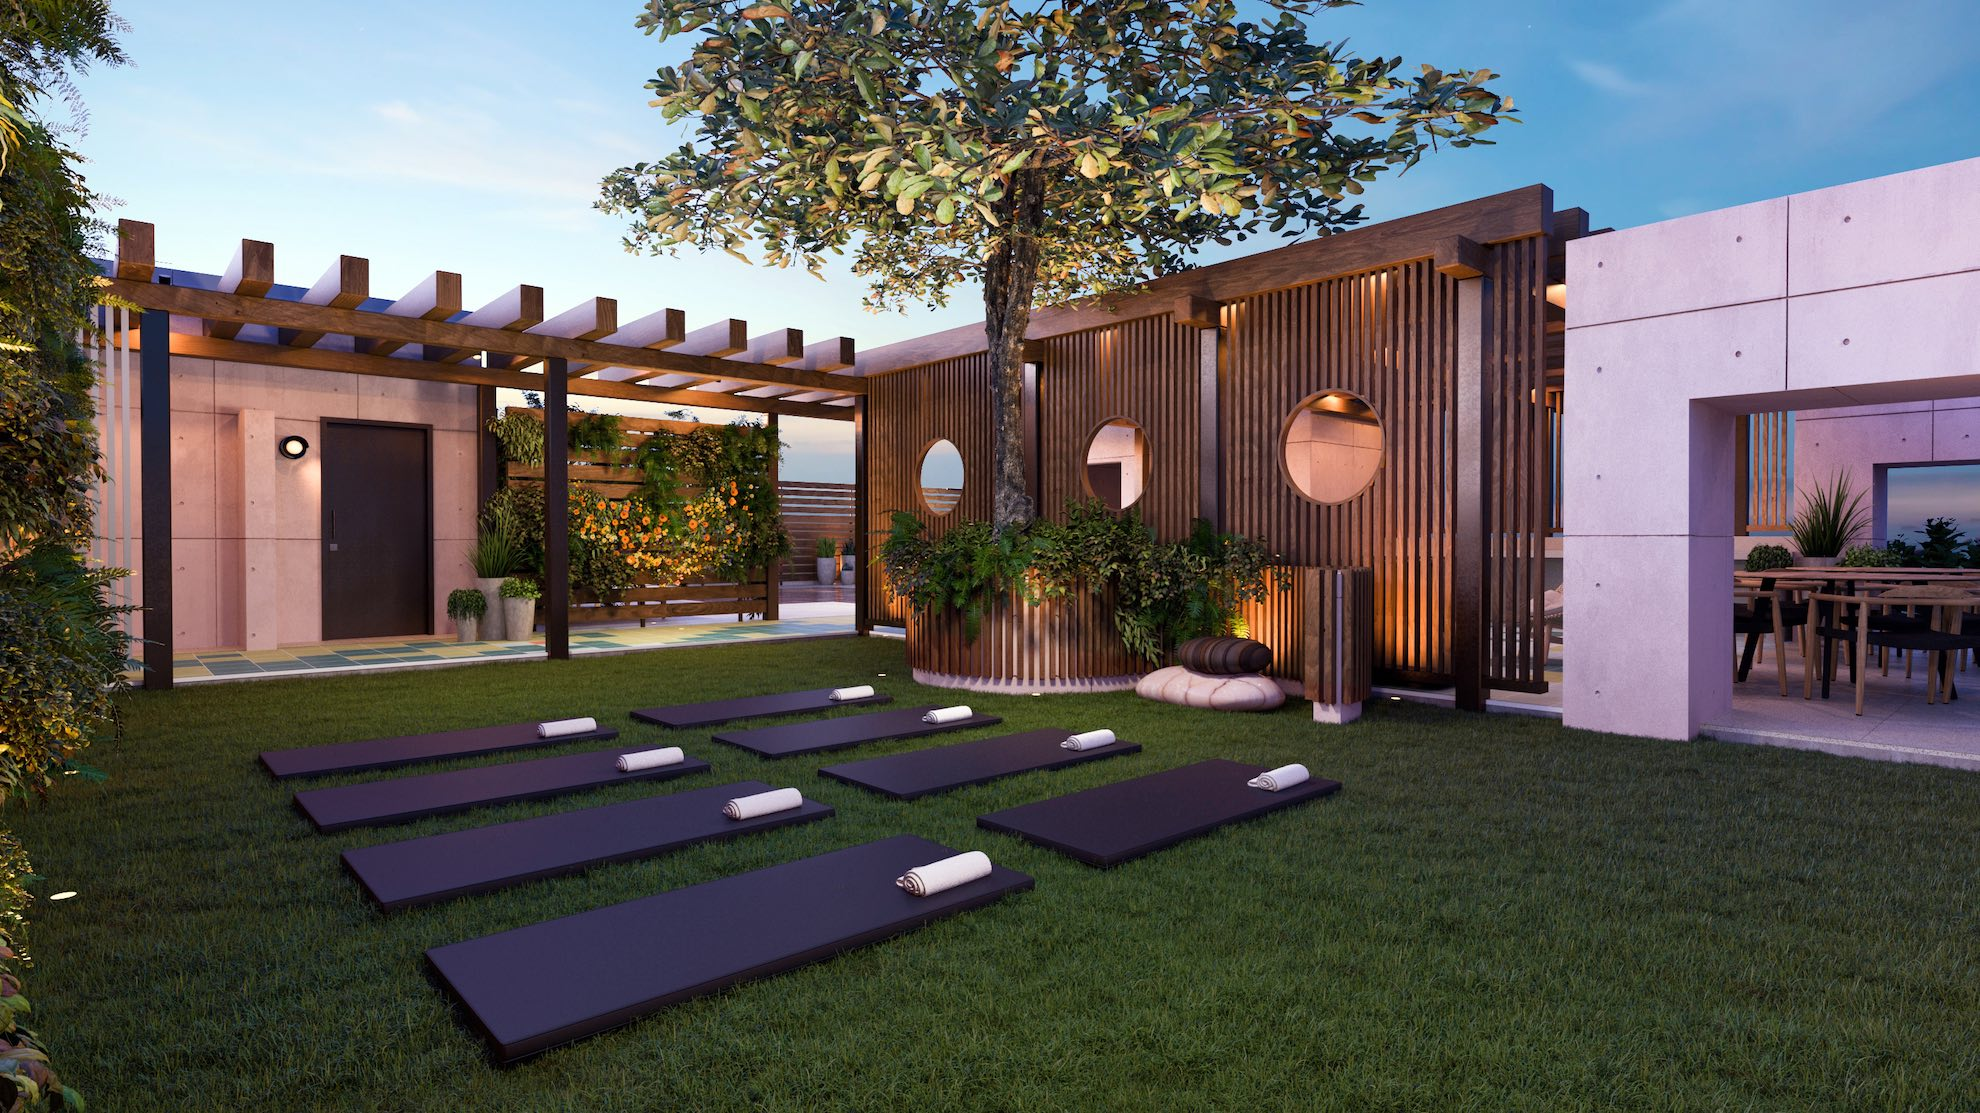 10. Yoga- Ten30